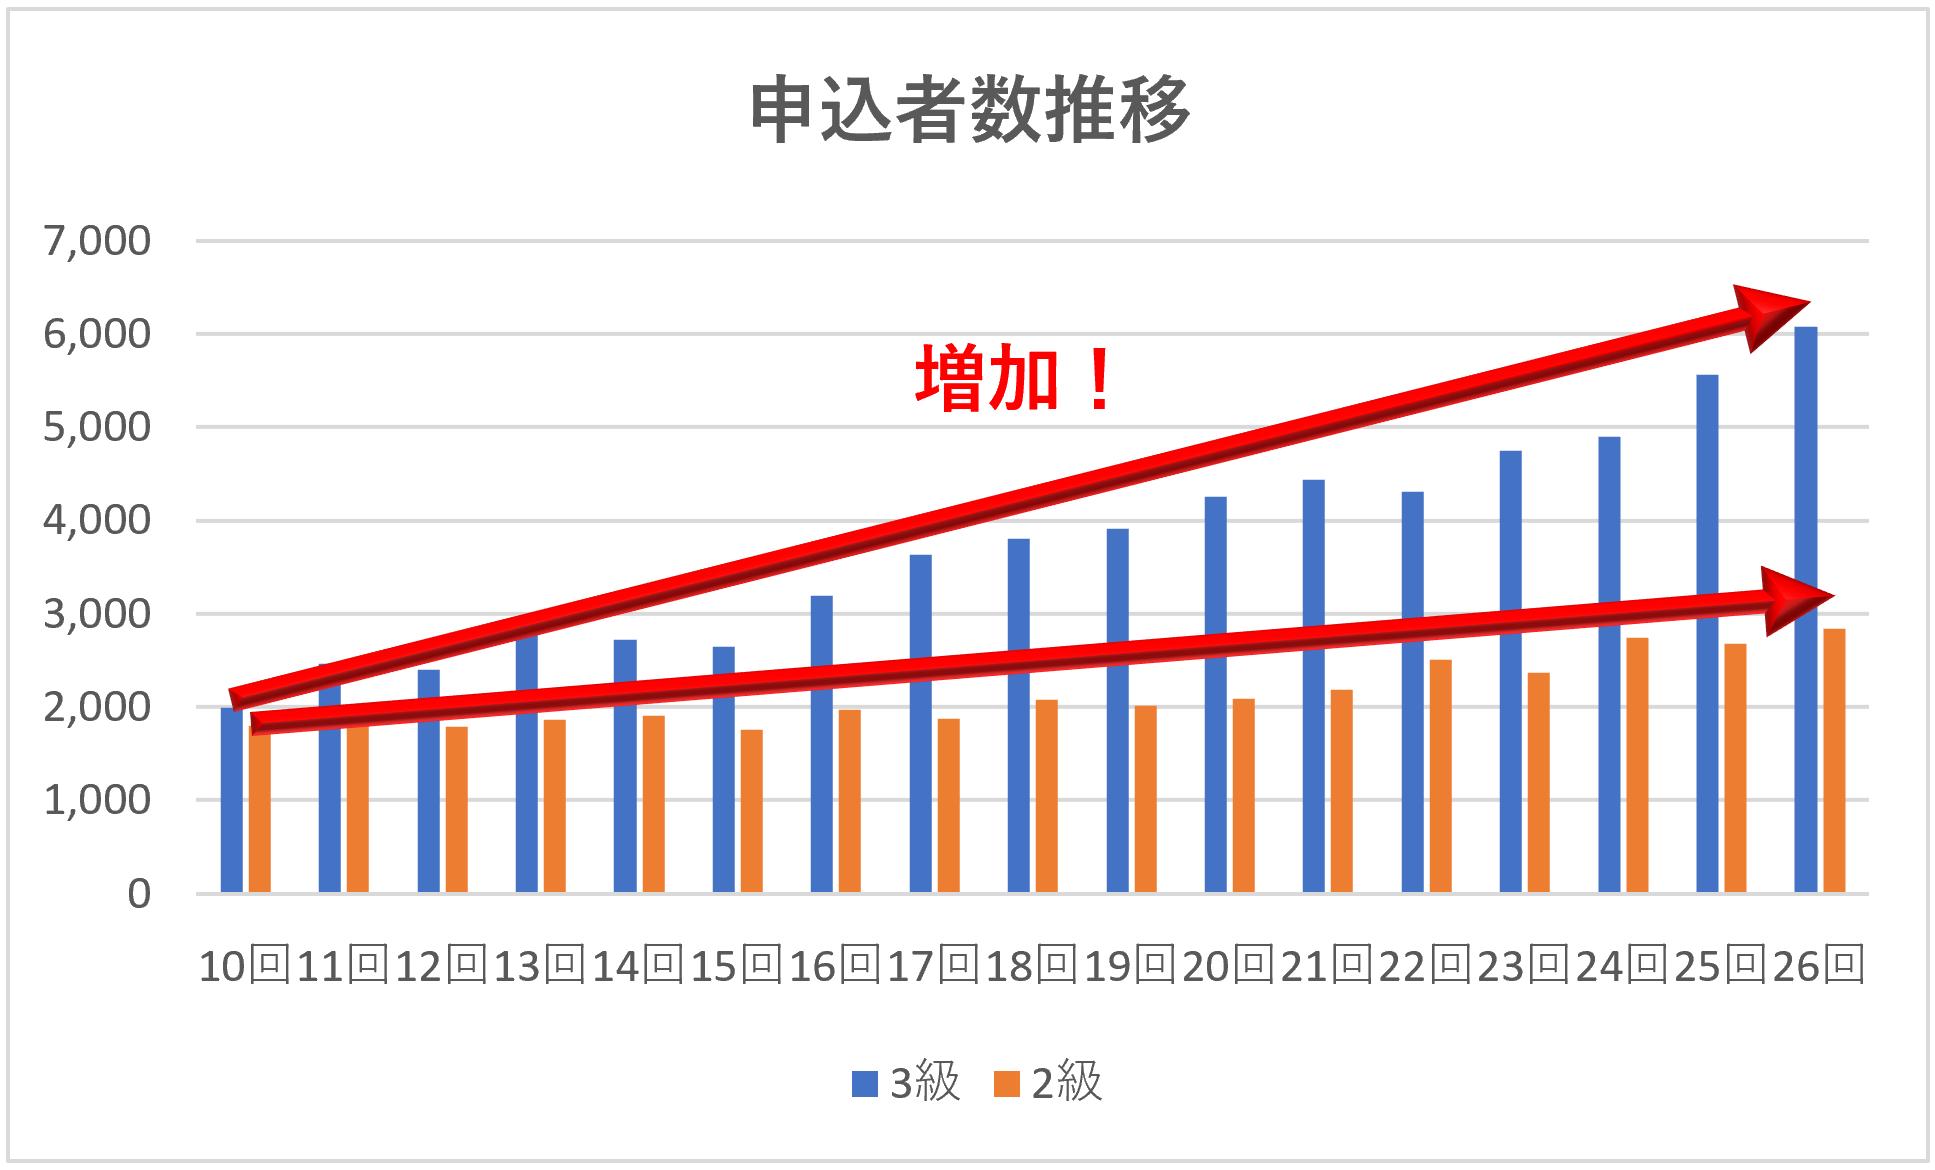 ビジネス会計検定の申込者数増加